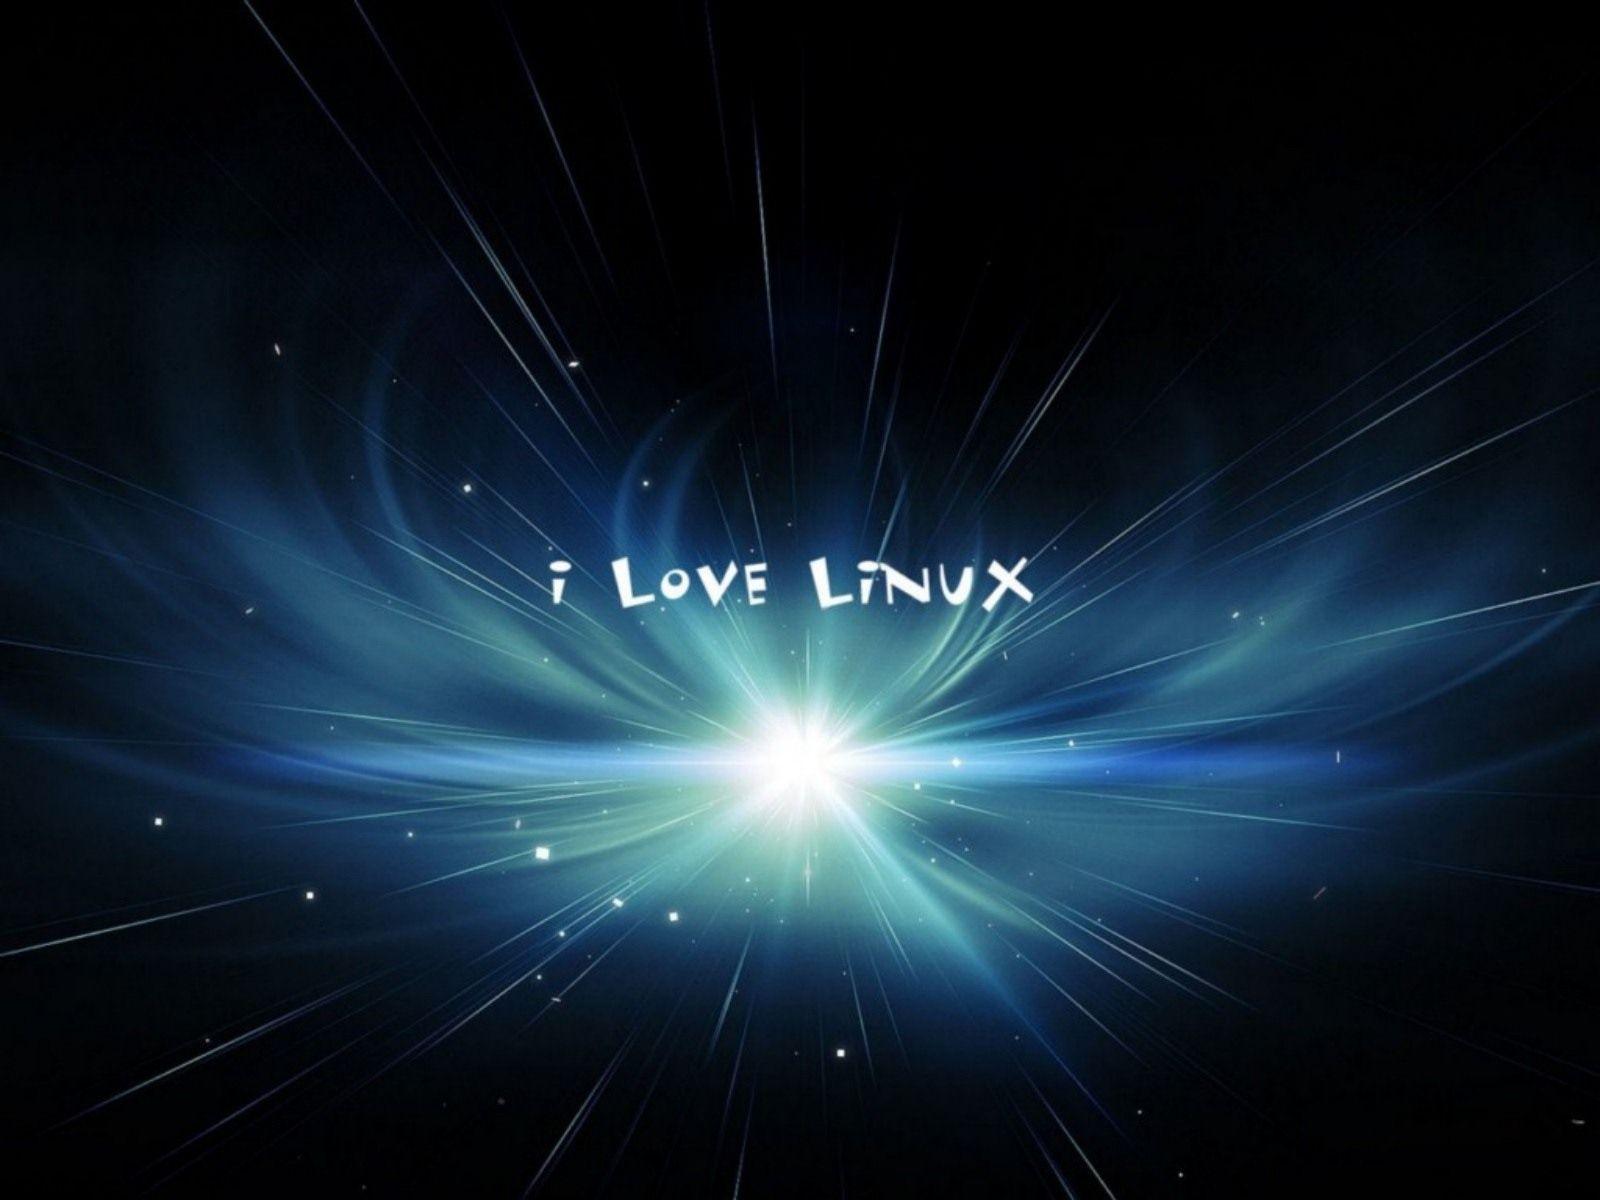 Linux Desktop Wallpapers 1600x1200